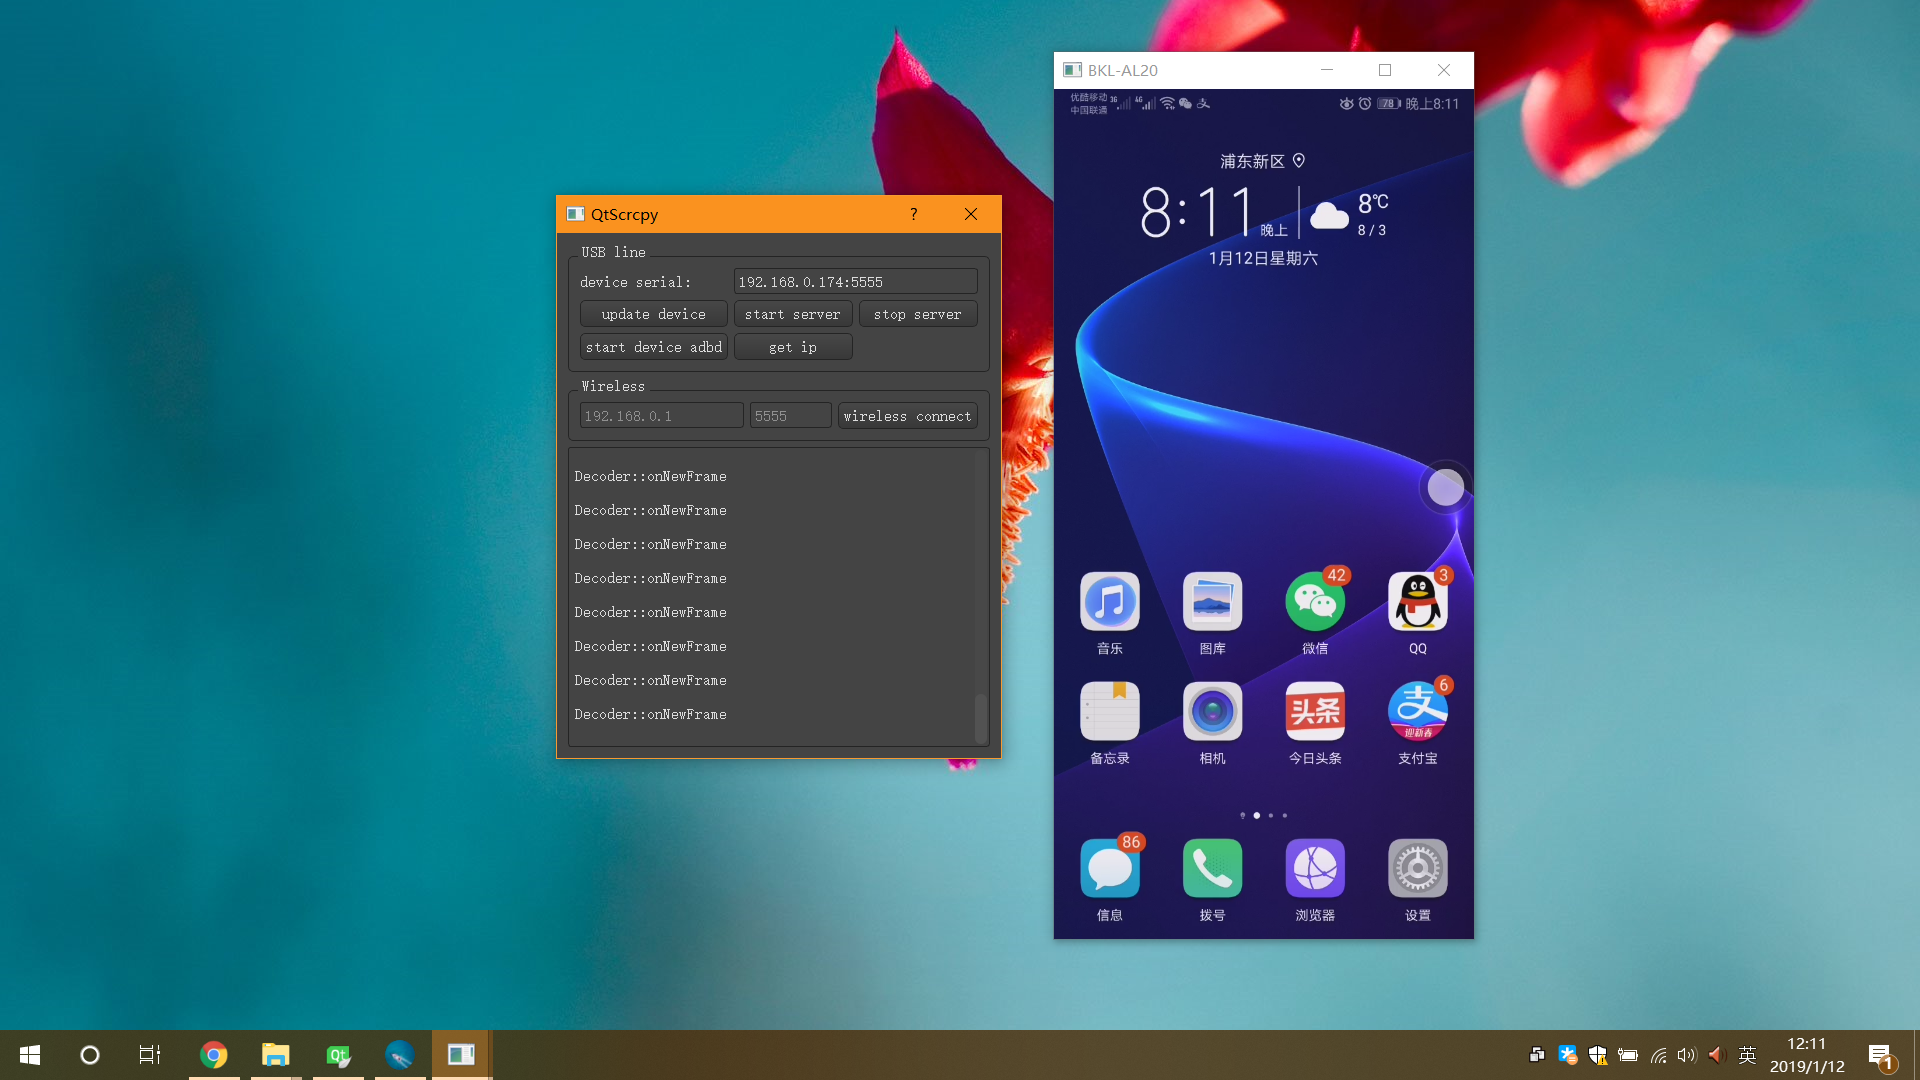 基于Qt ffmpeg开发跨平台安卓实时投屏软件